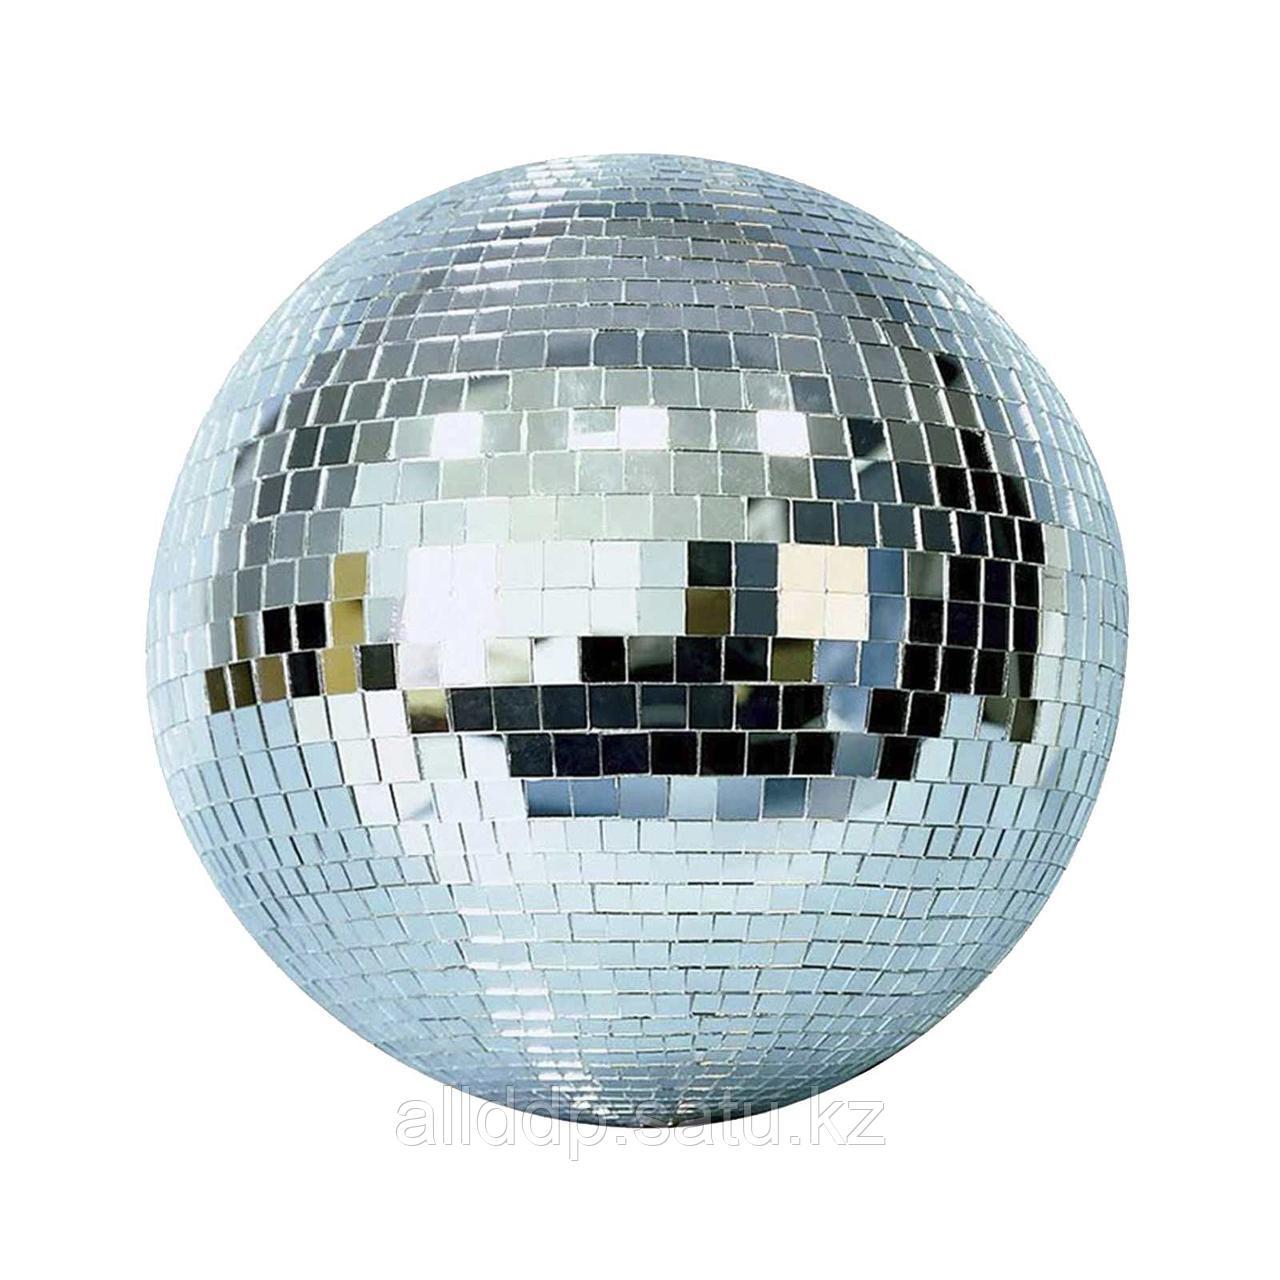 Зеркальный шар с приводом вращения, 60 см